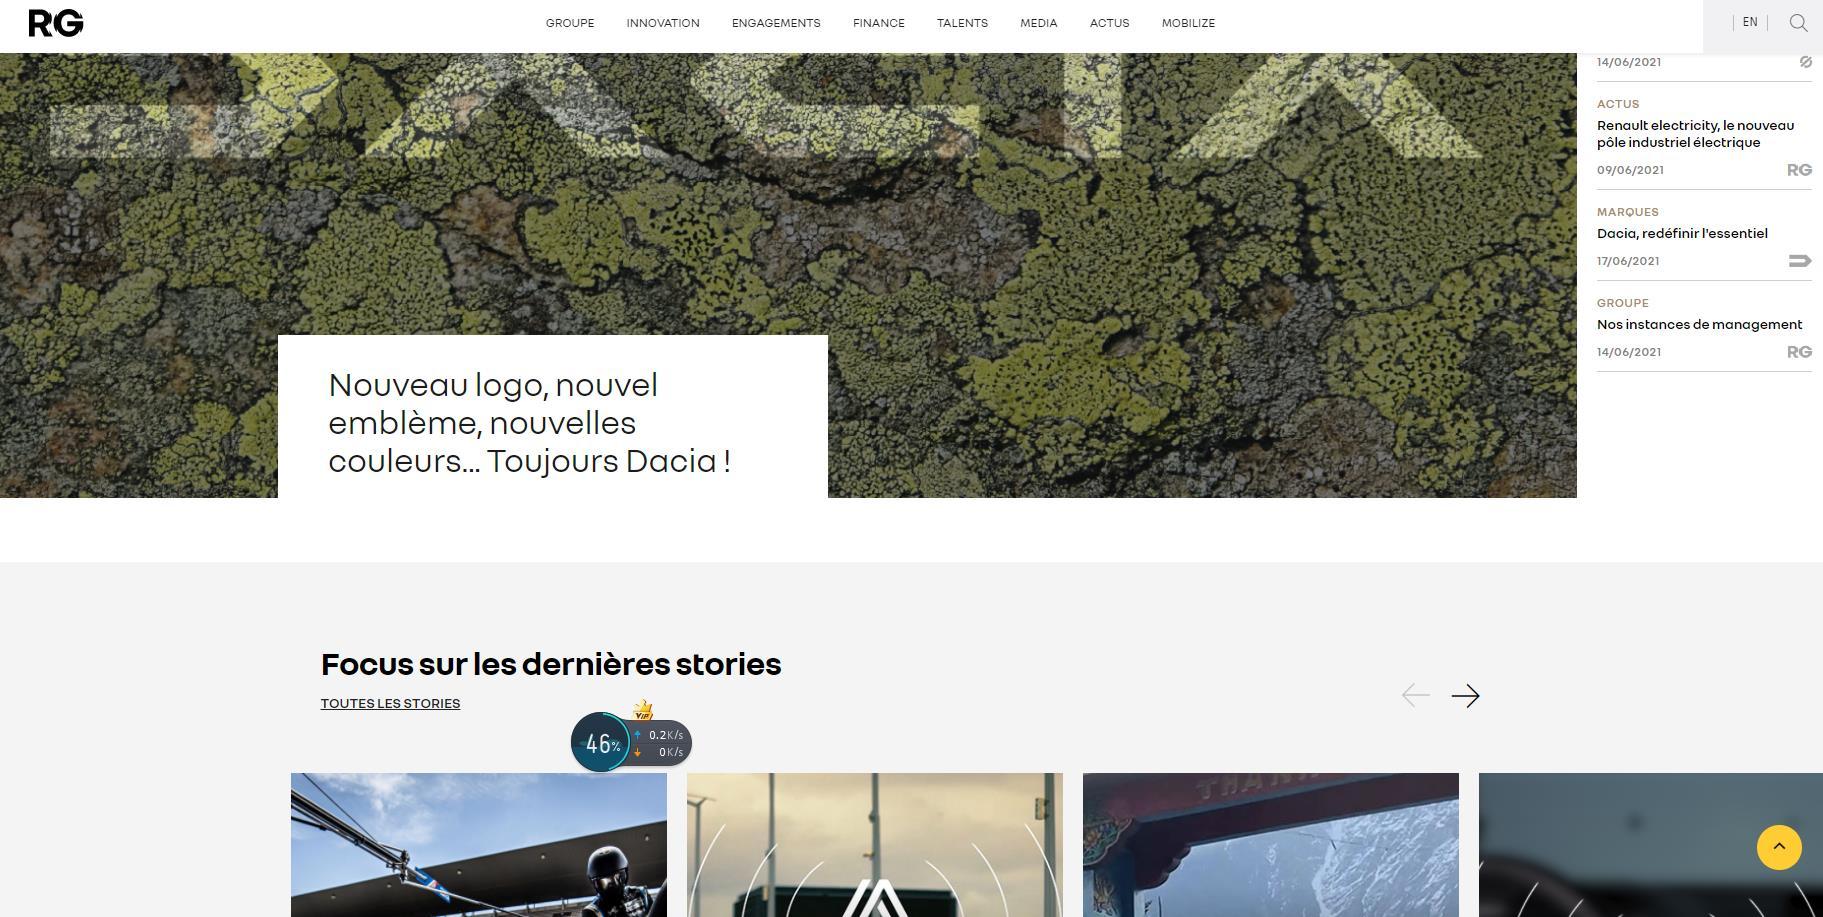 Renault东风雷诺 官方网站